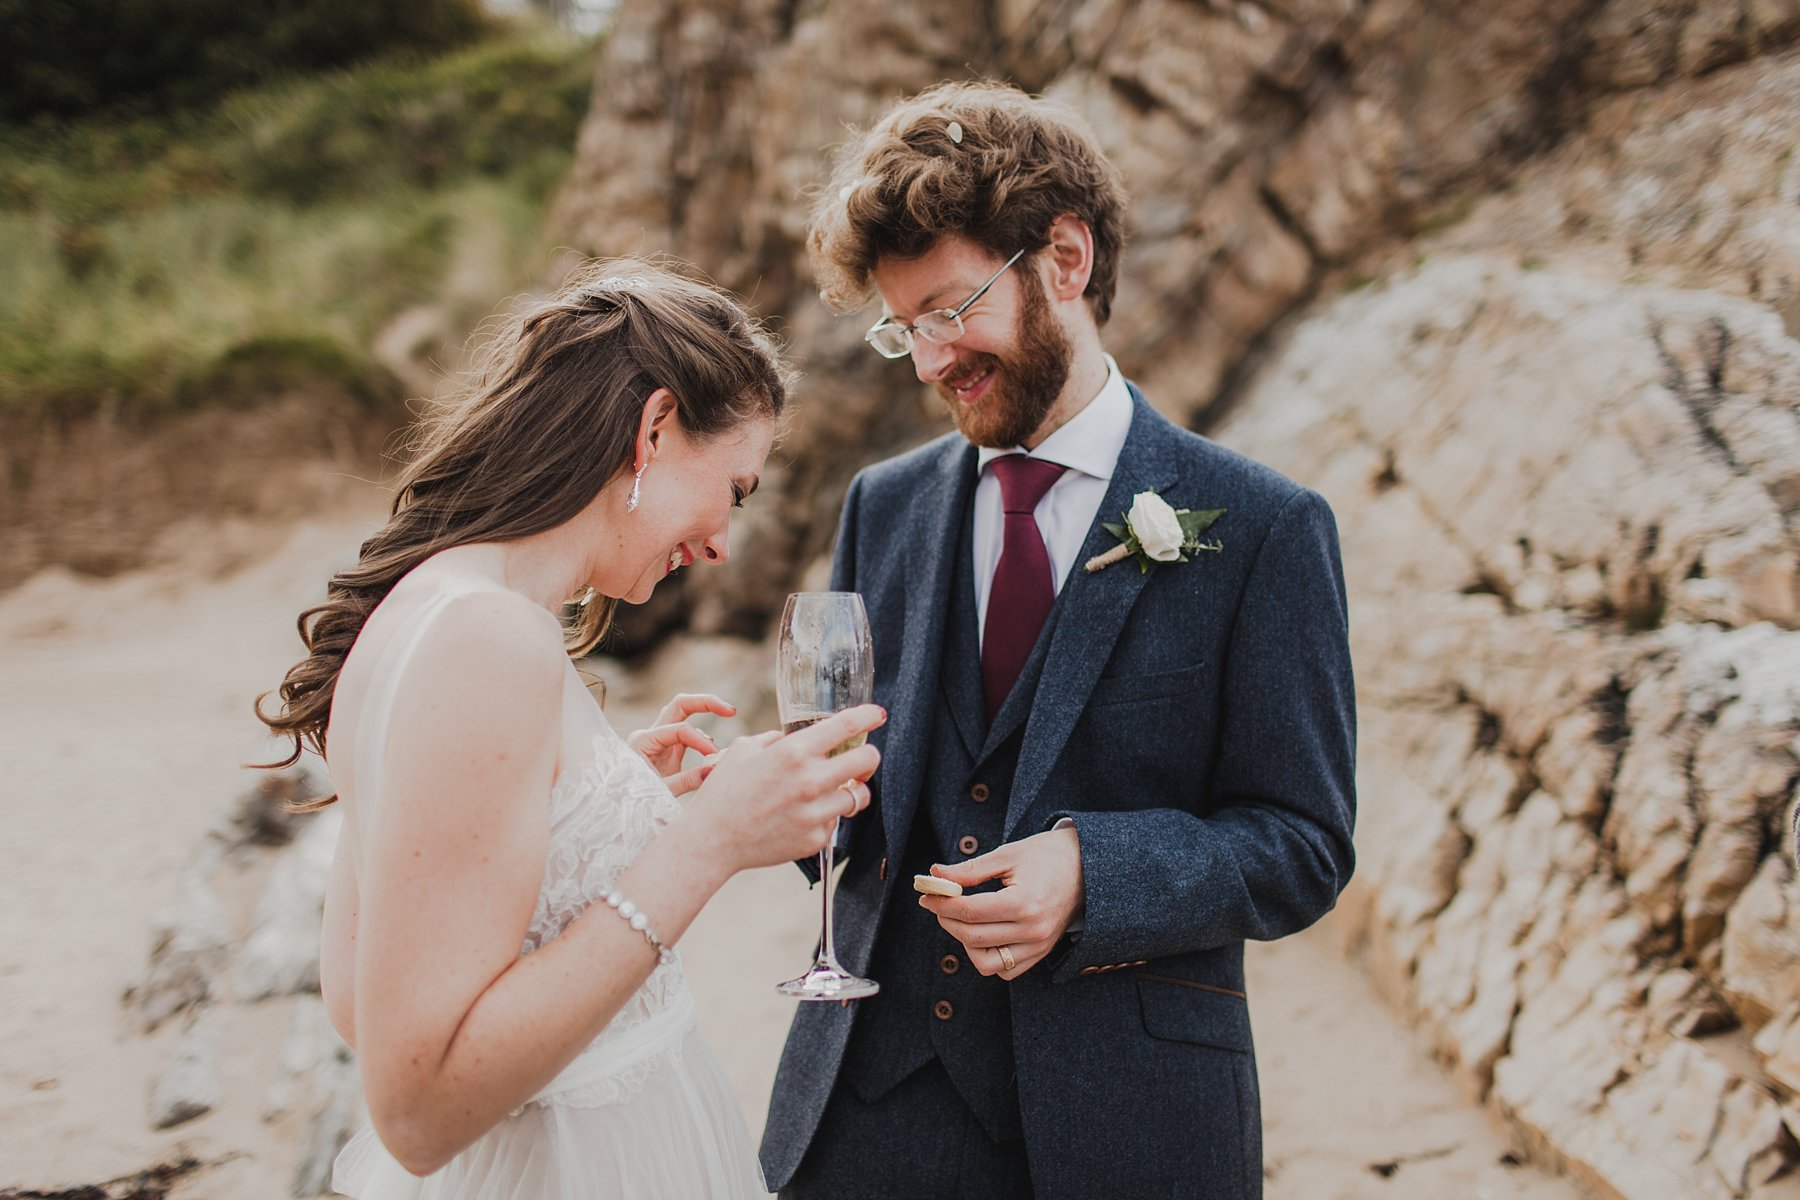 hornhead_donegak_elopement_weddings_0058